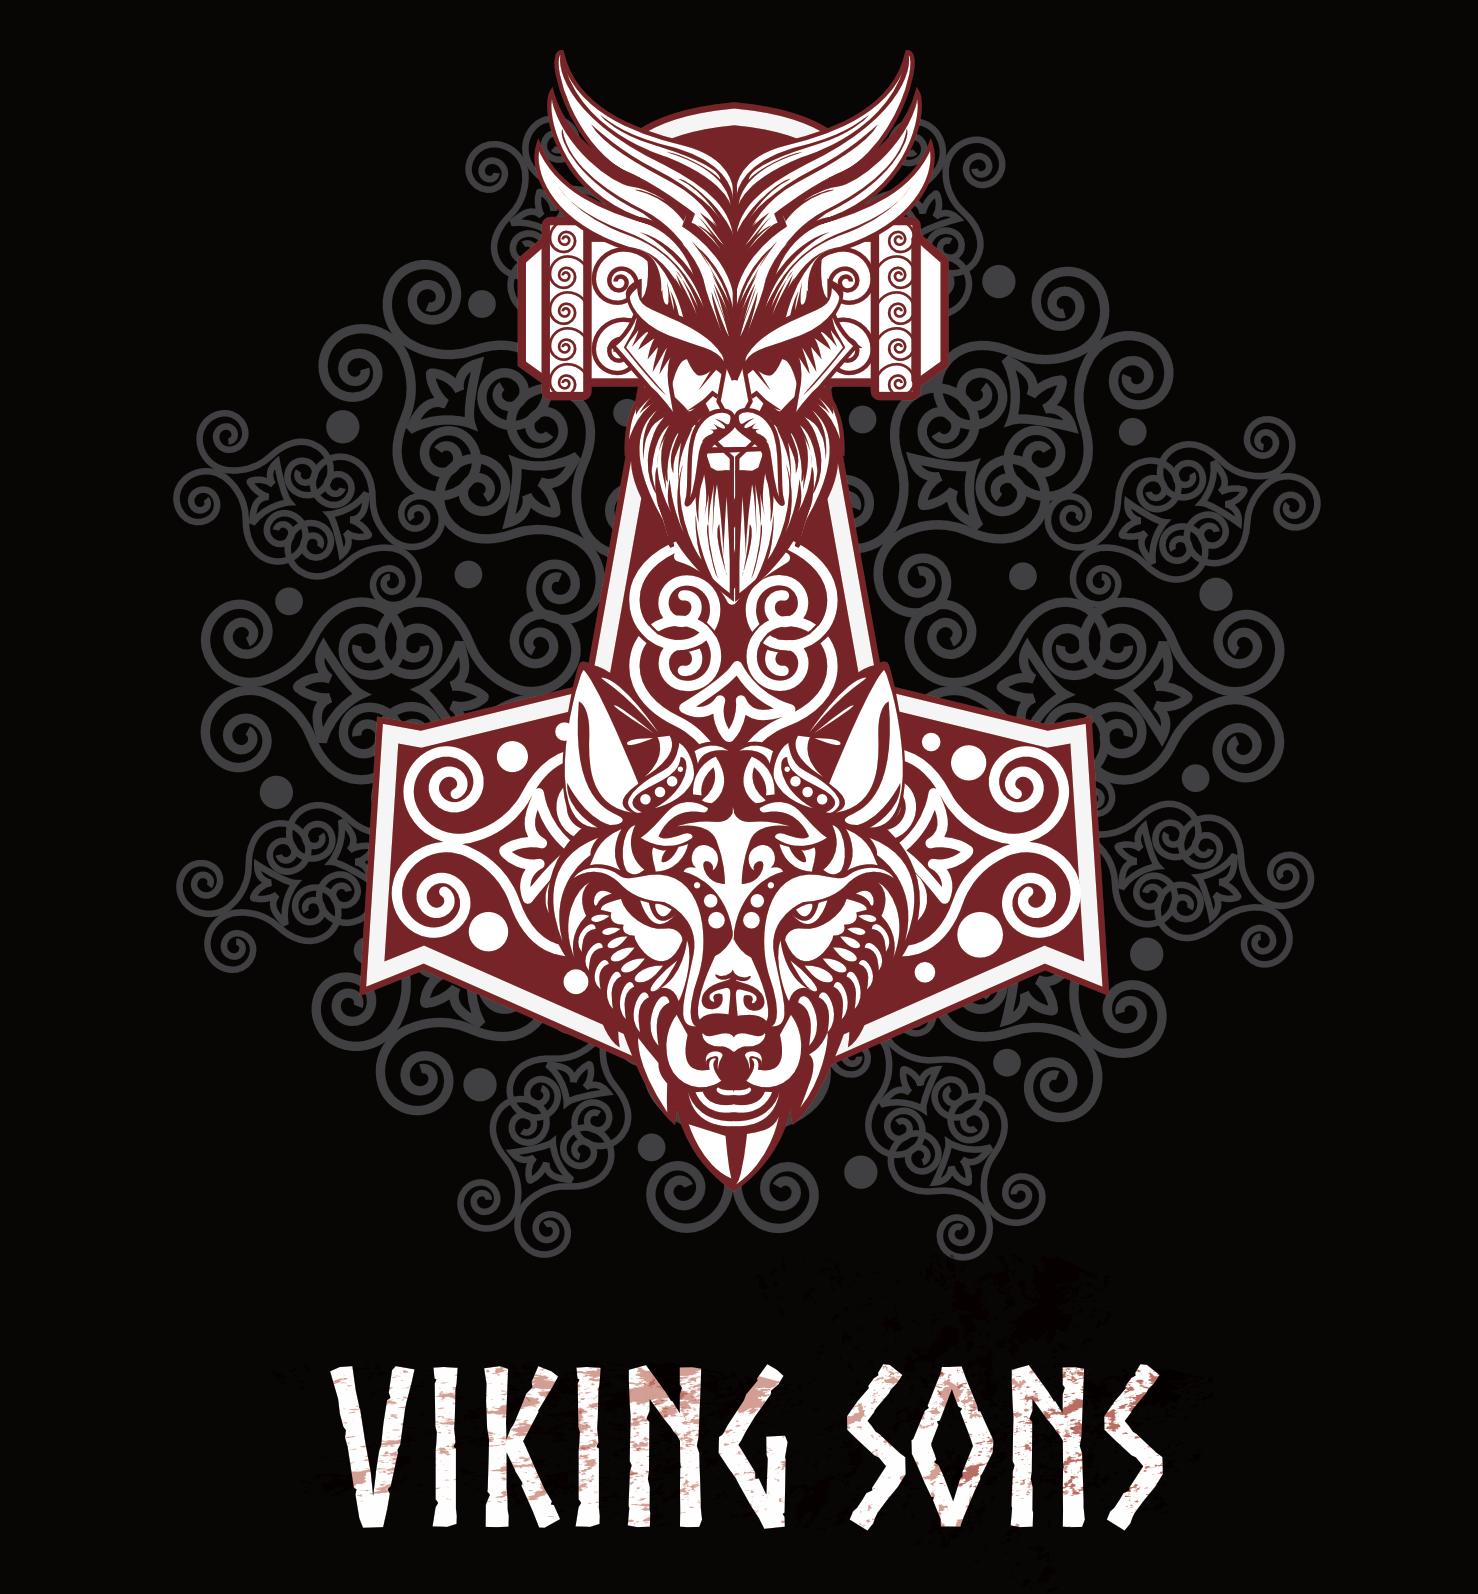 thorhammer mit odin und fenriswolfskopf viking symbols. Black Bedroom Furniture Sets. Home Design Ideas